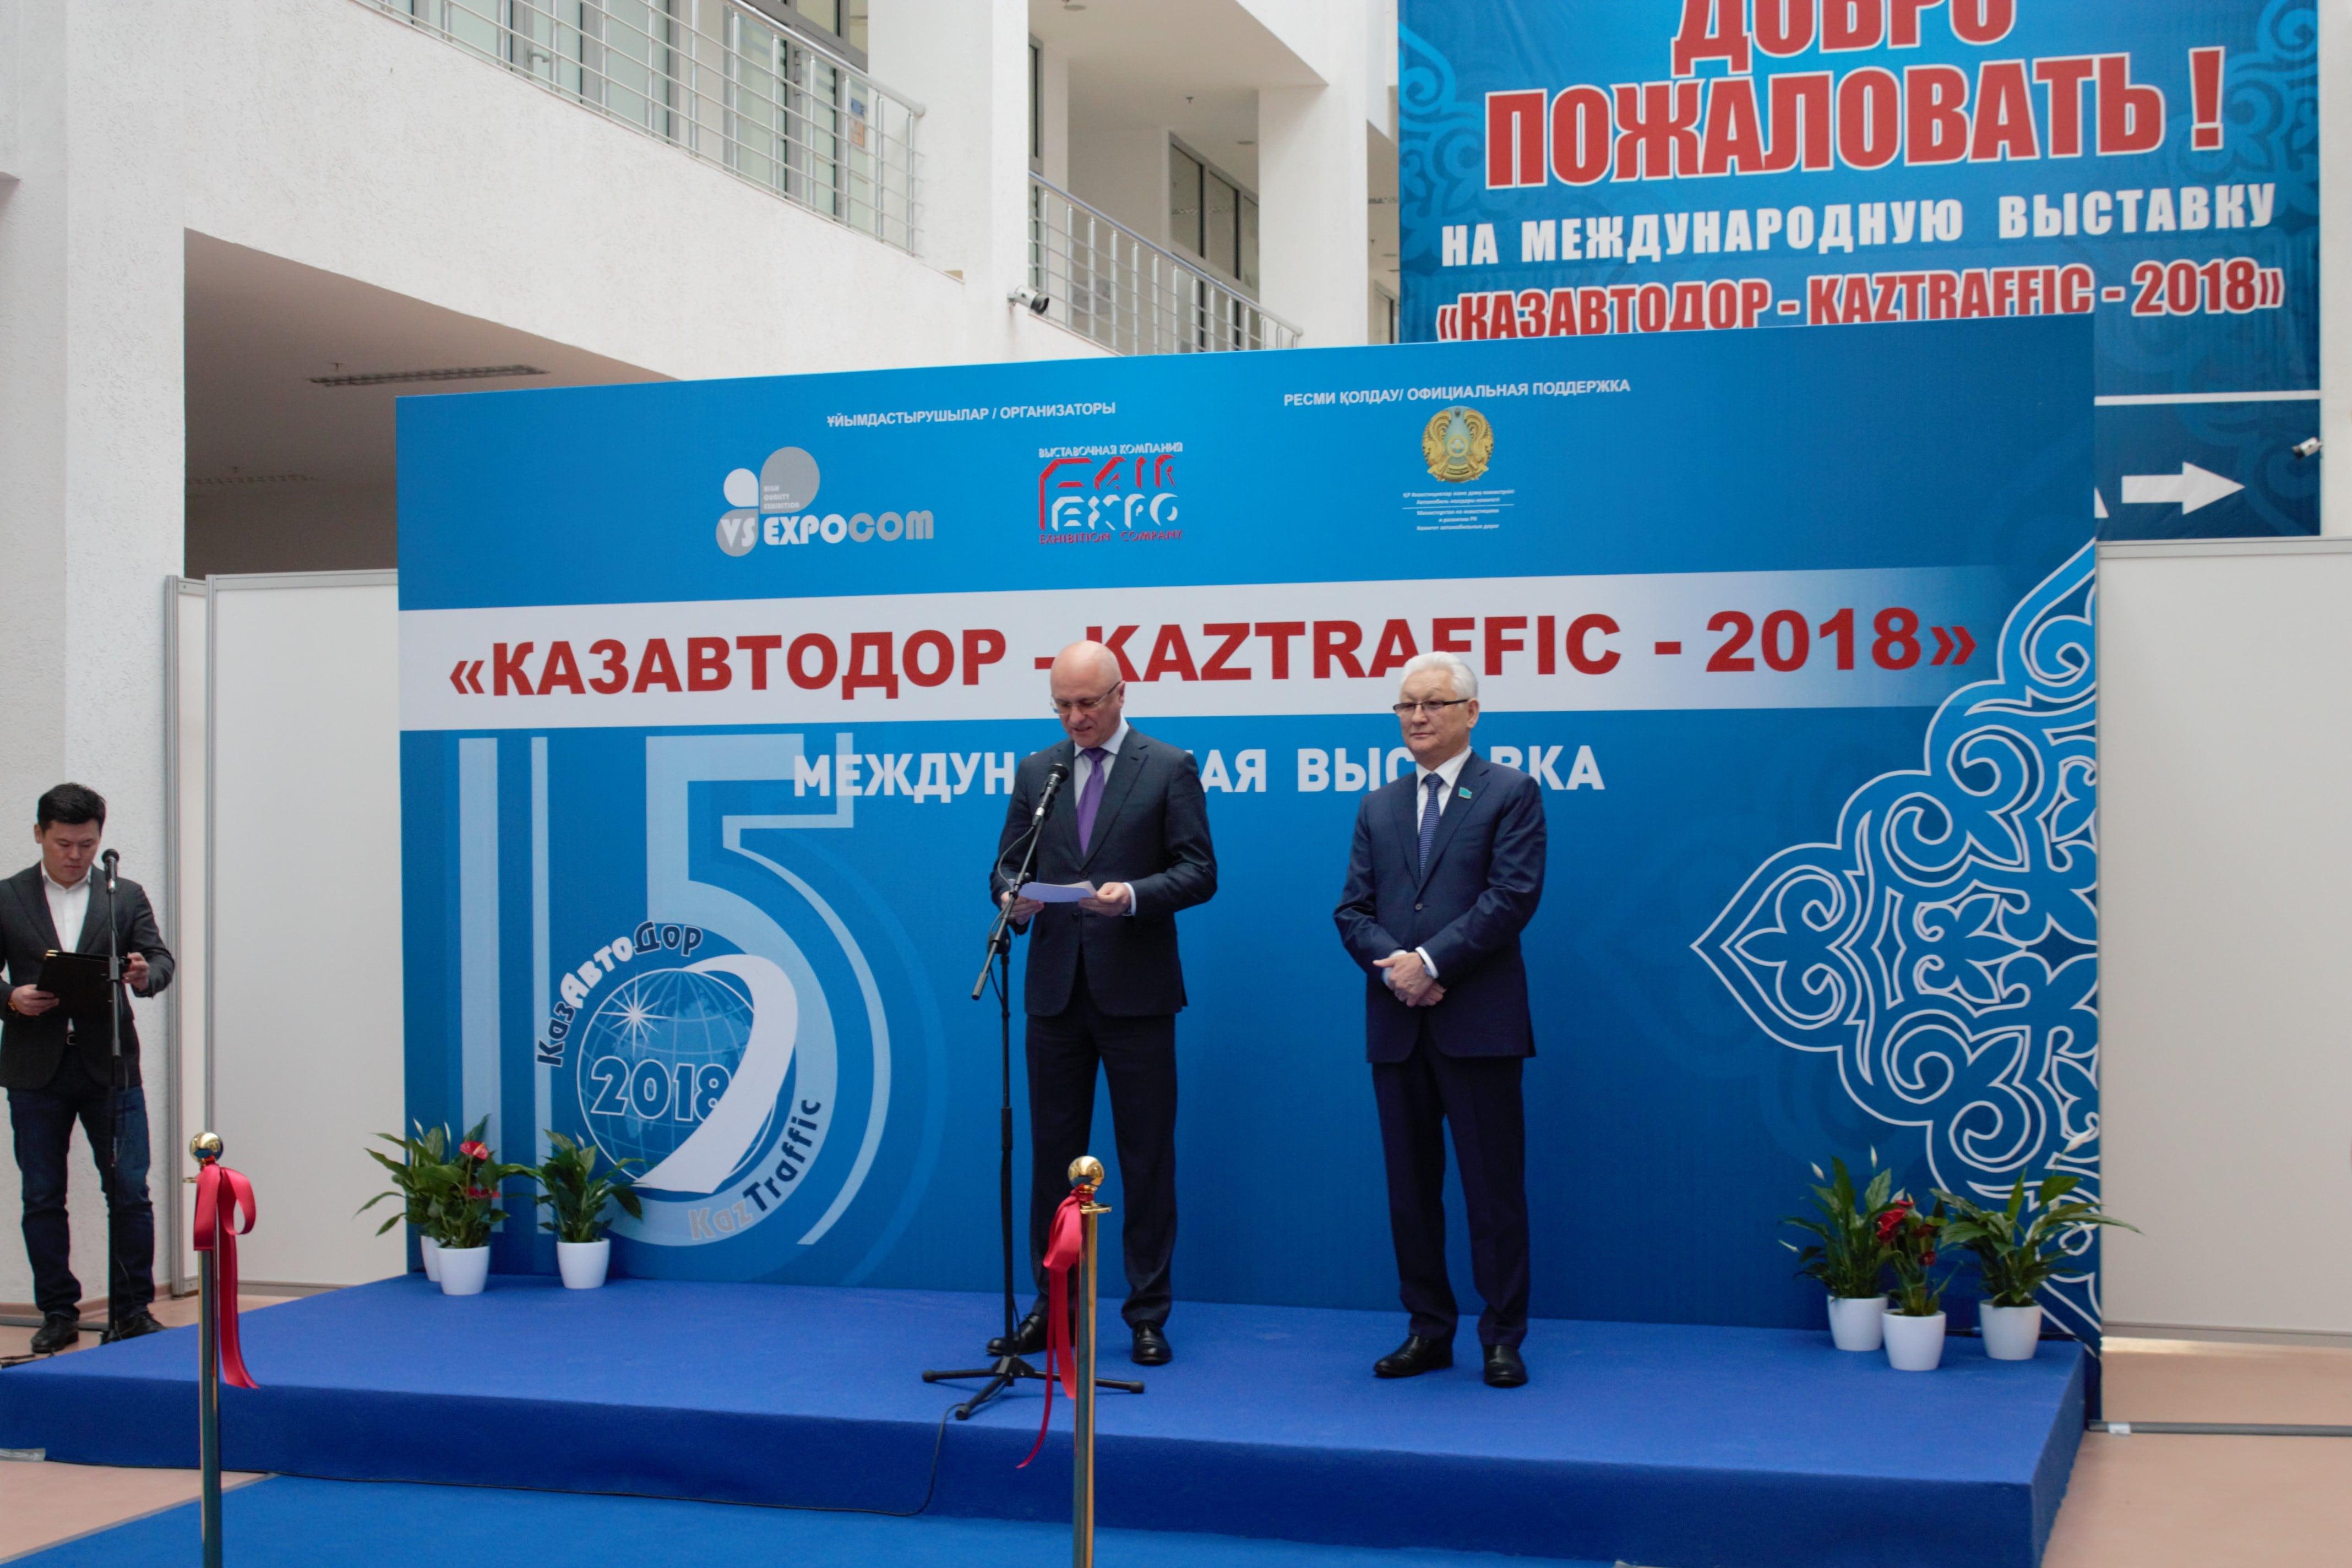 В Астане прошла Международная дорожно-строительная выставка «Казавтодор-Kaztraffic – 2018»